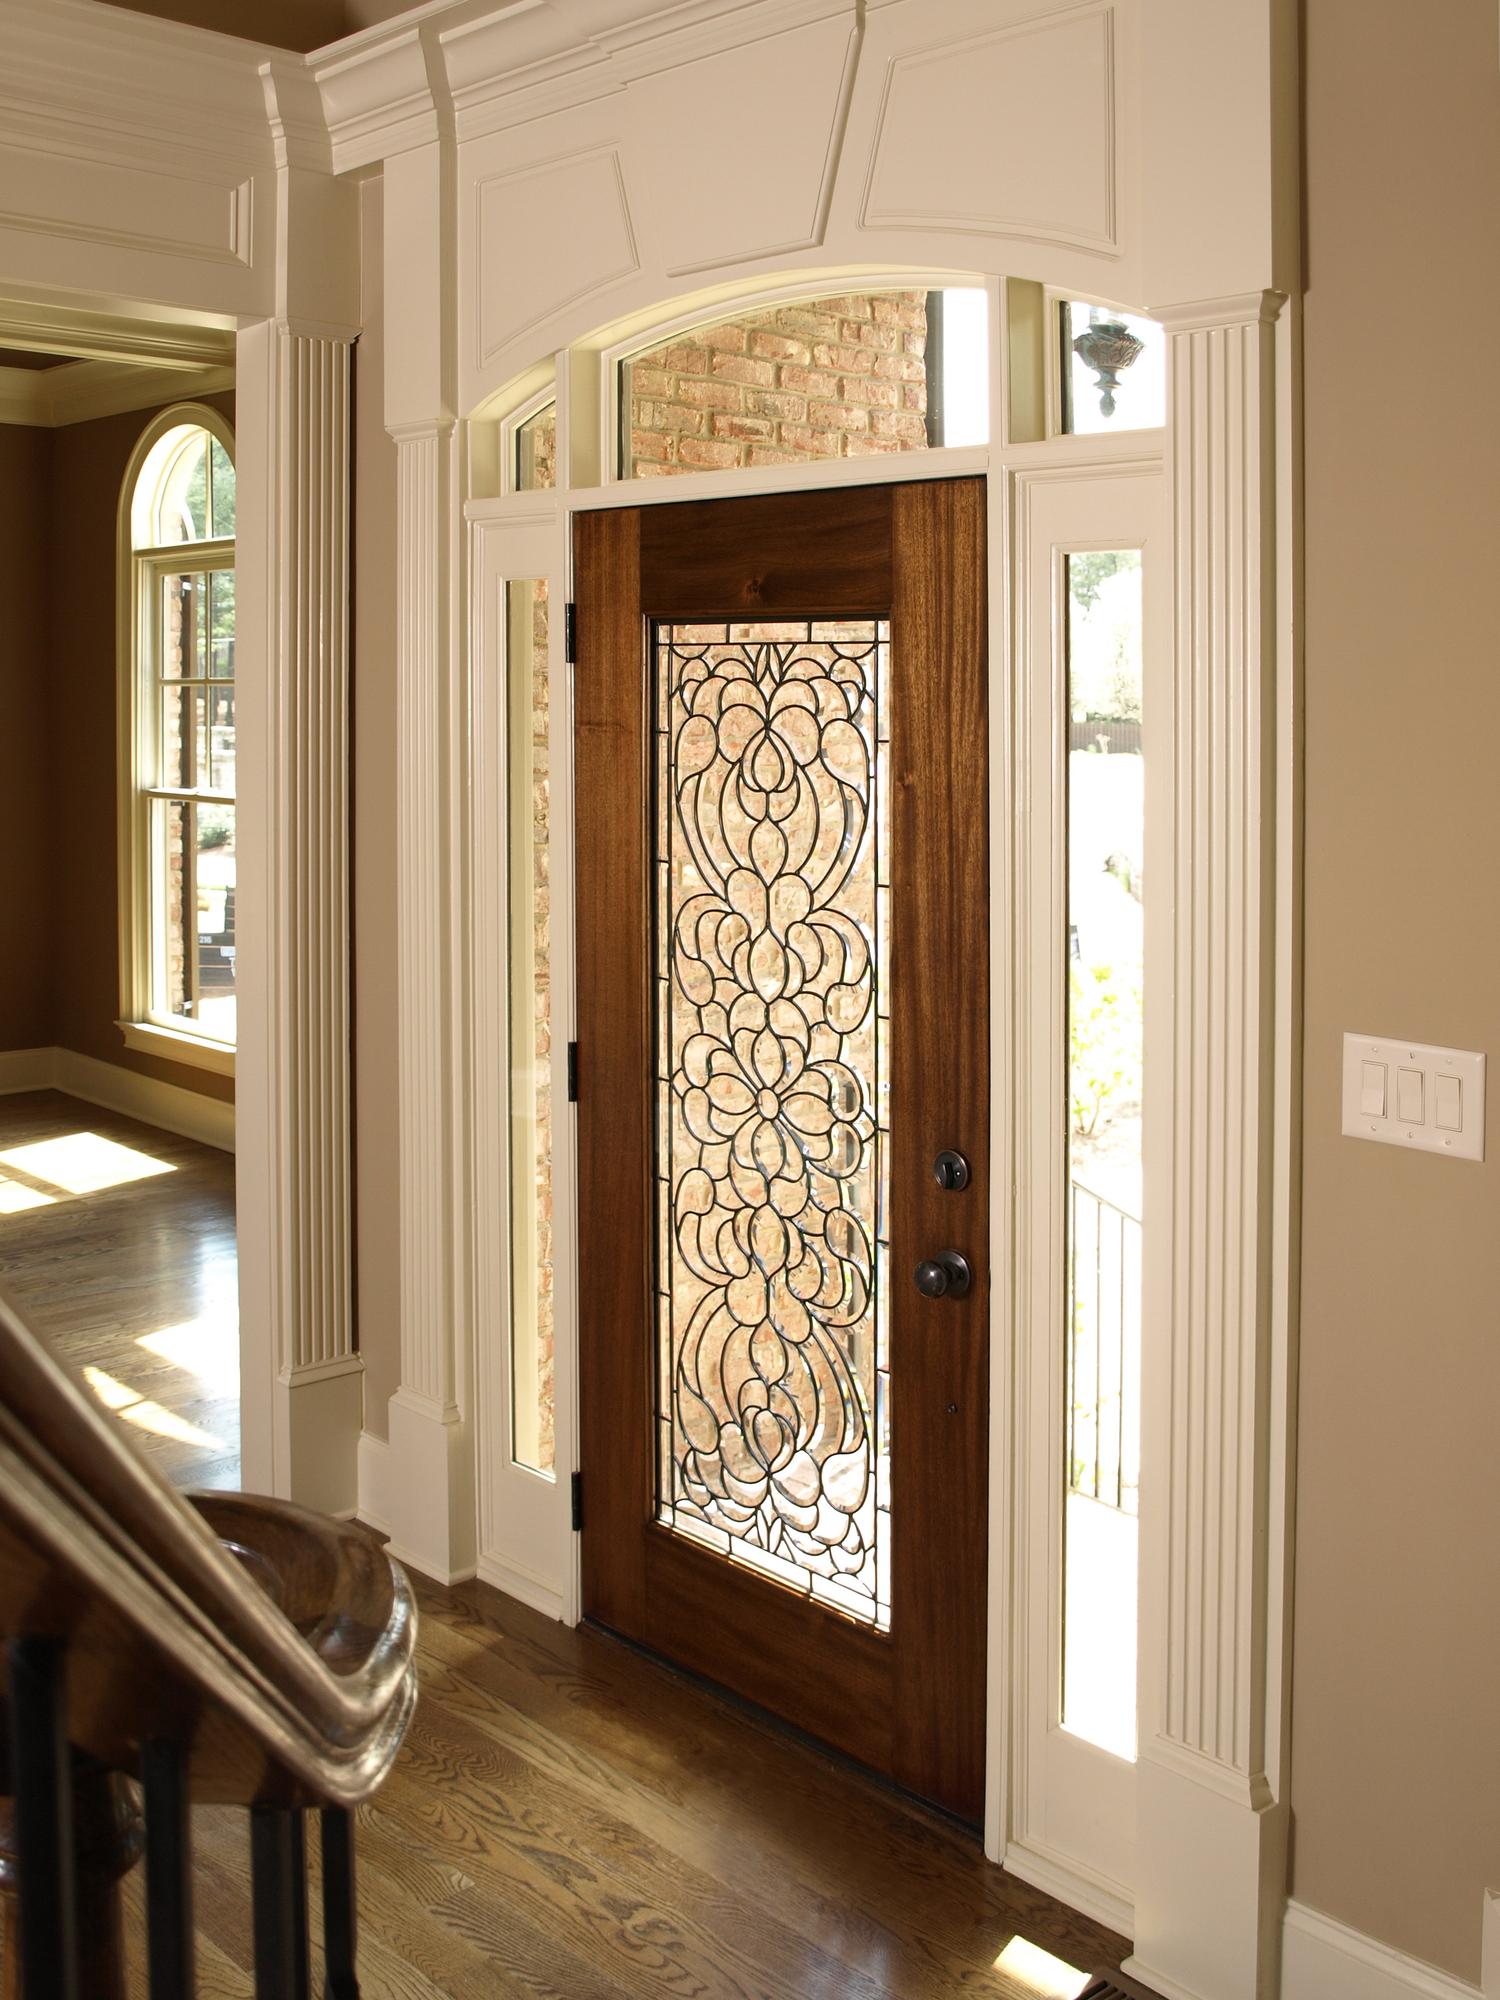 Luxury Foyer with Glass door